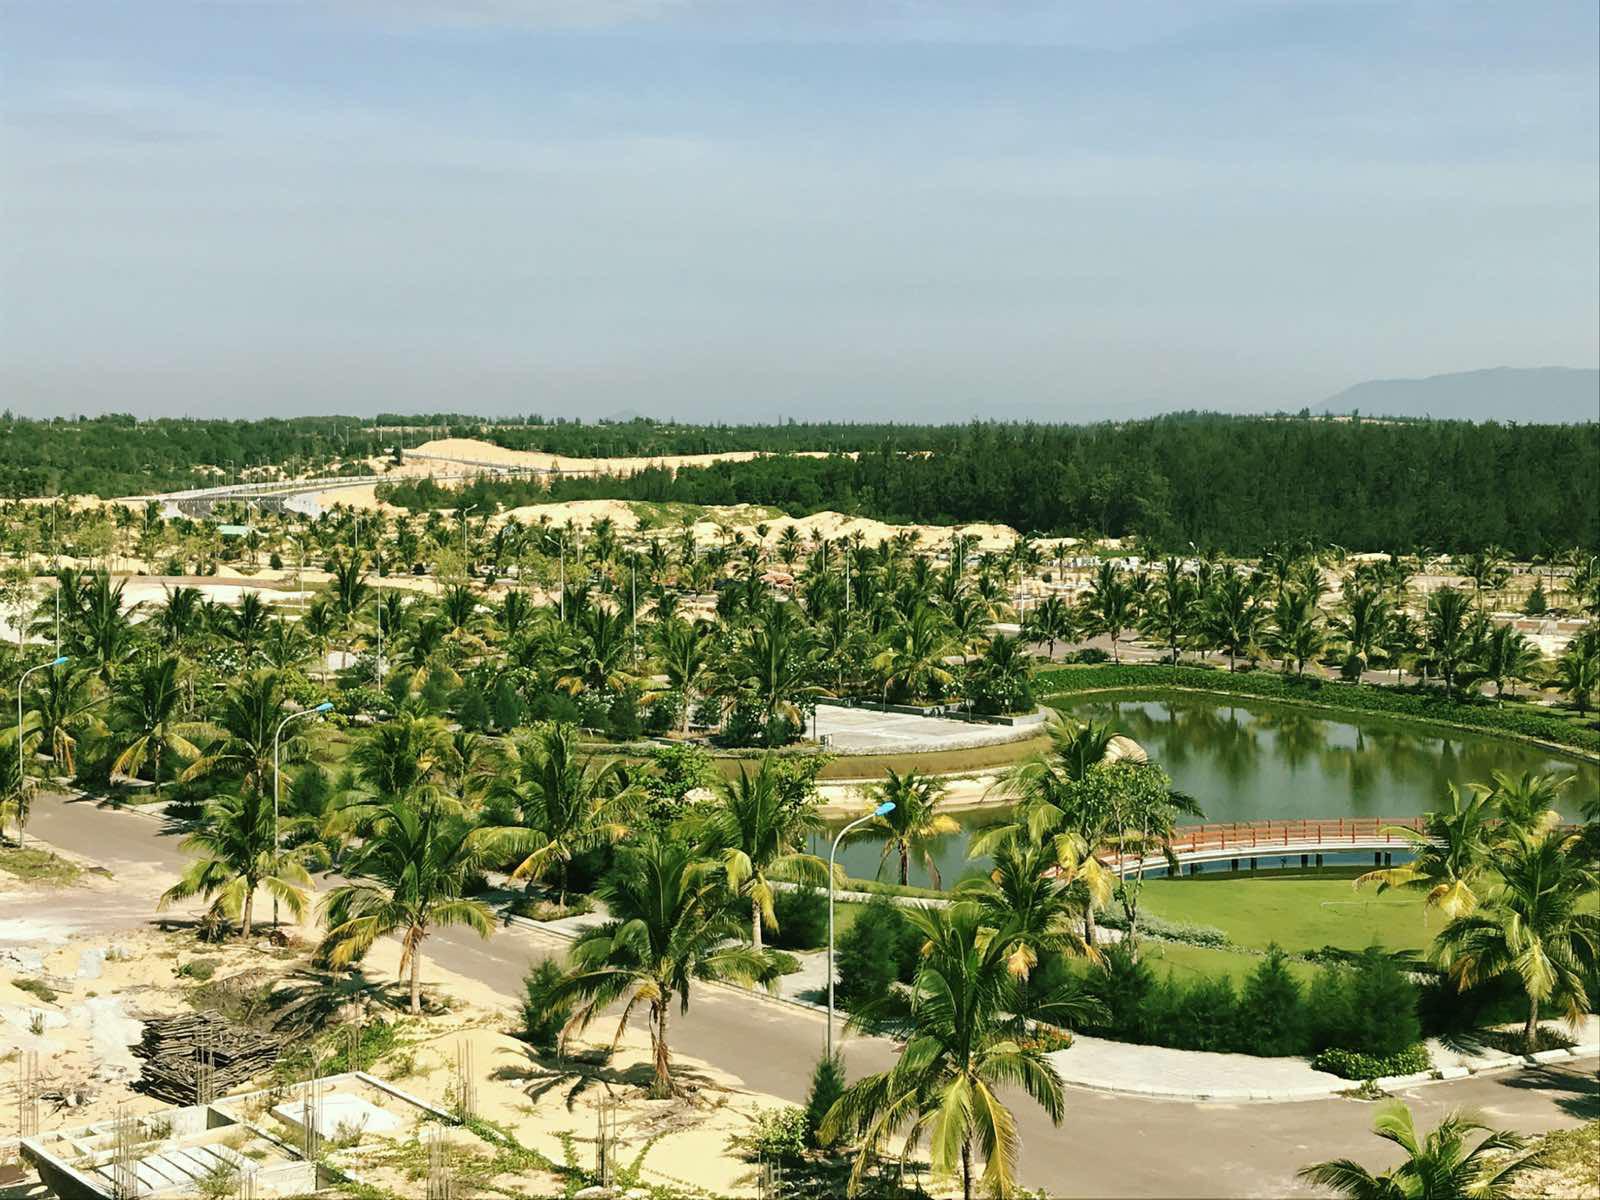 Nhiều dự án quy mô của Tập đoàn FLC tại Quy Nhơn chuẩn bị khánh thành cuối năm 2020 - Ảnh 2.